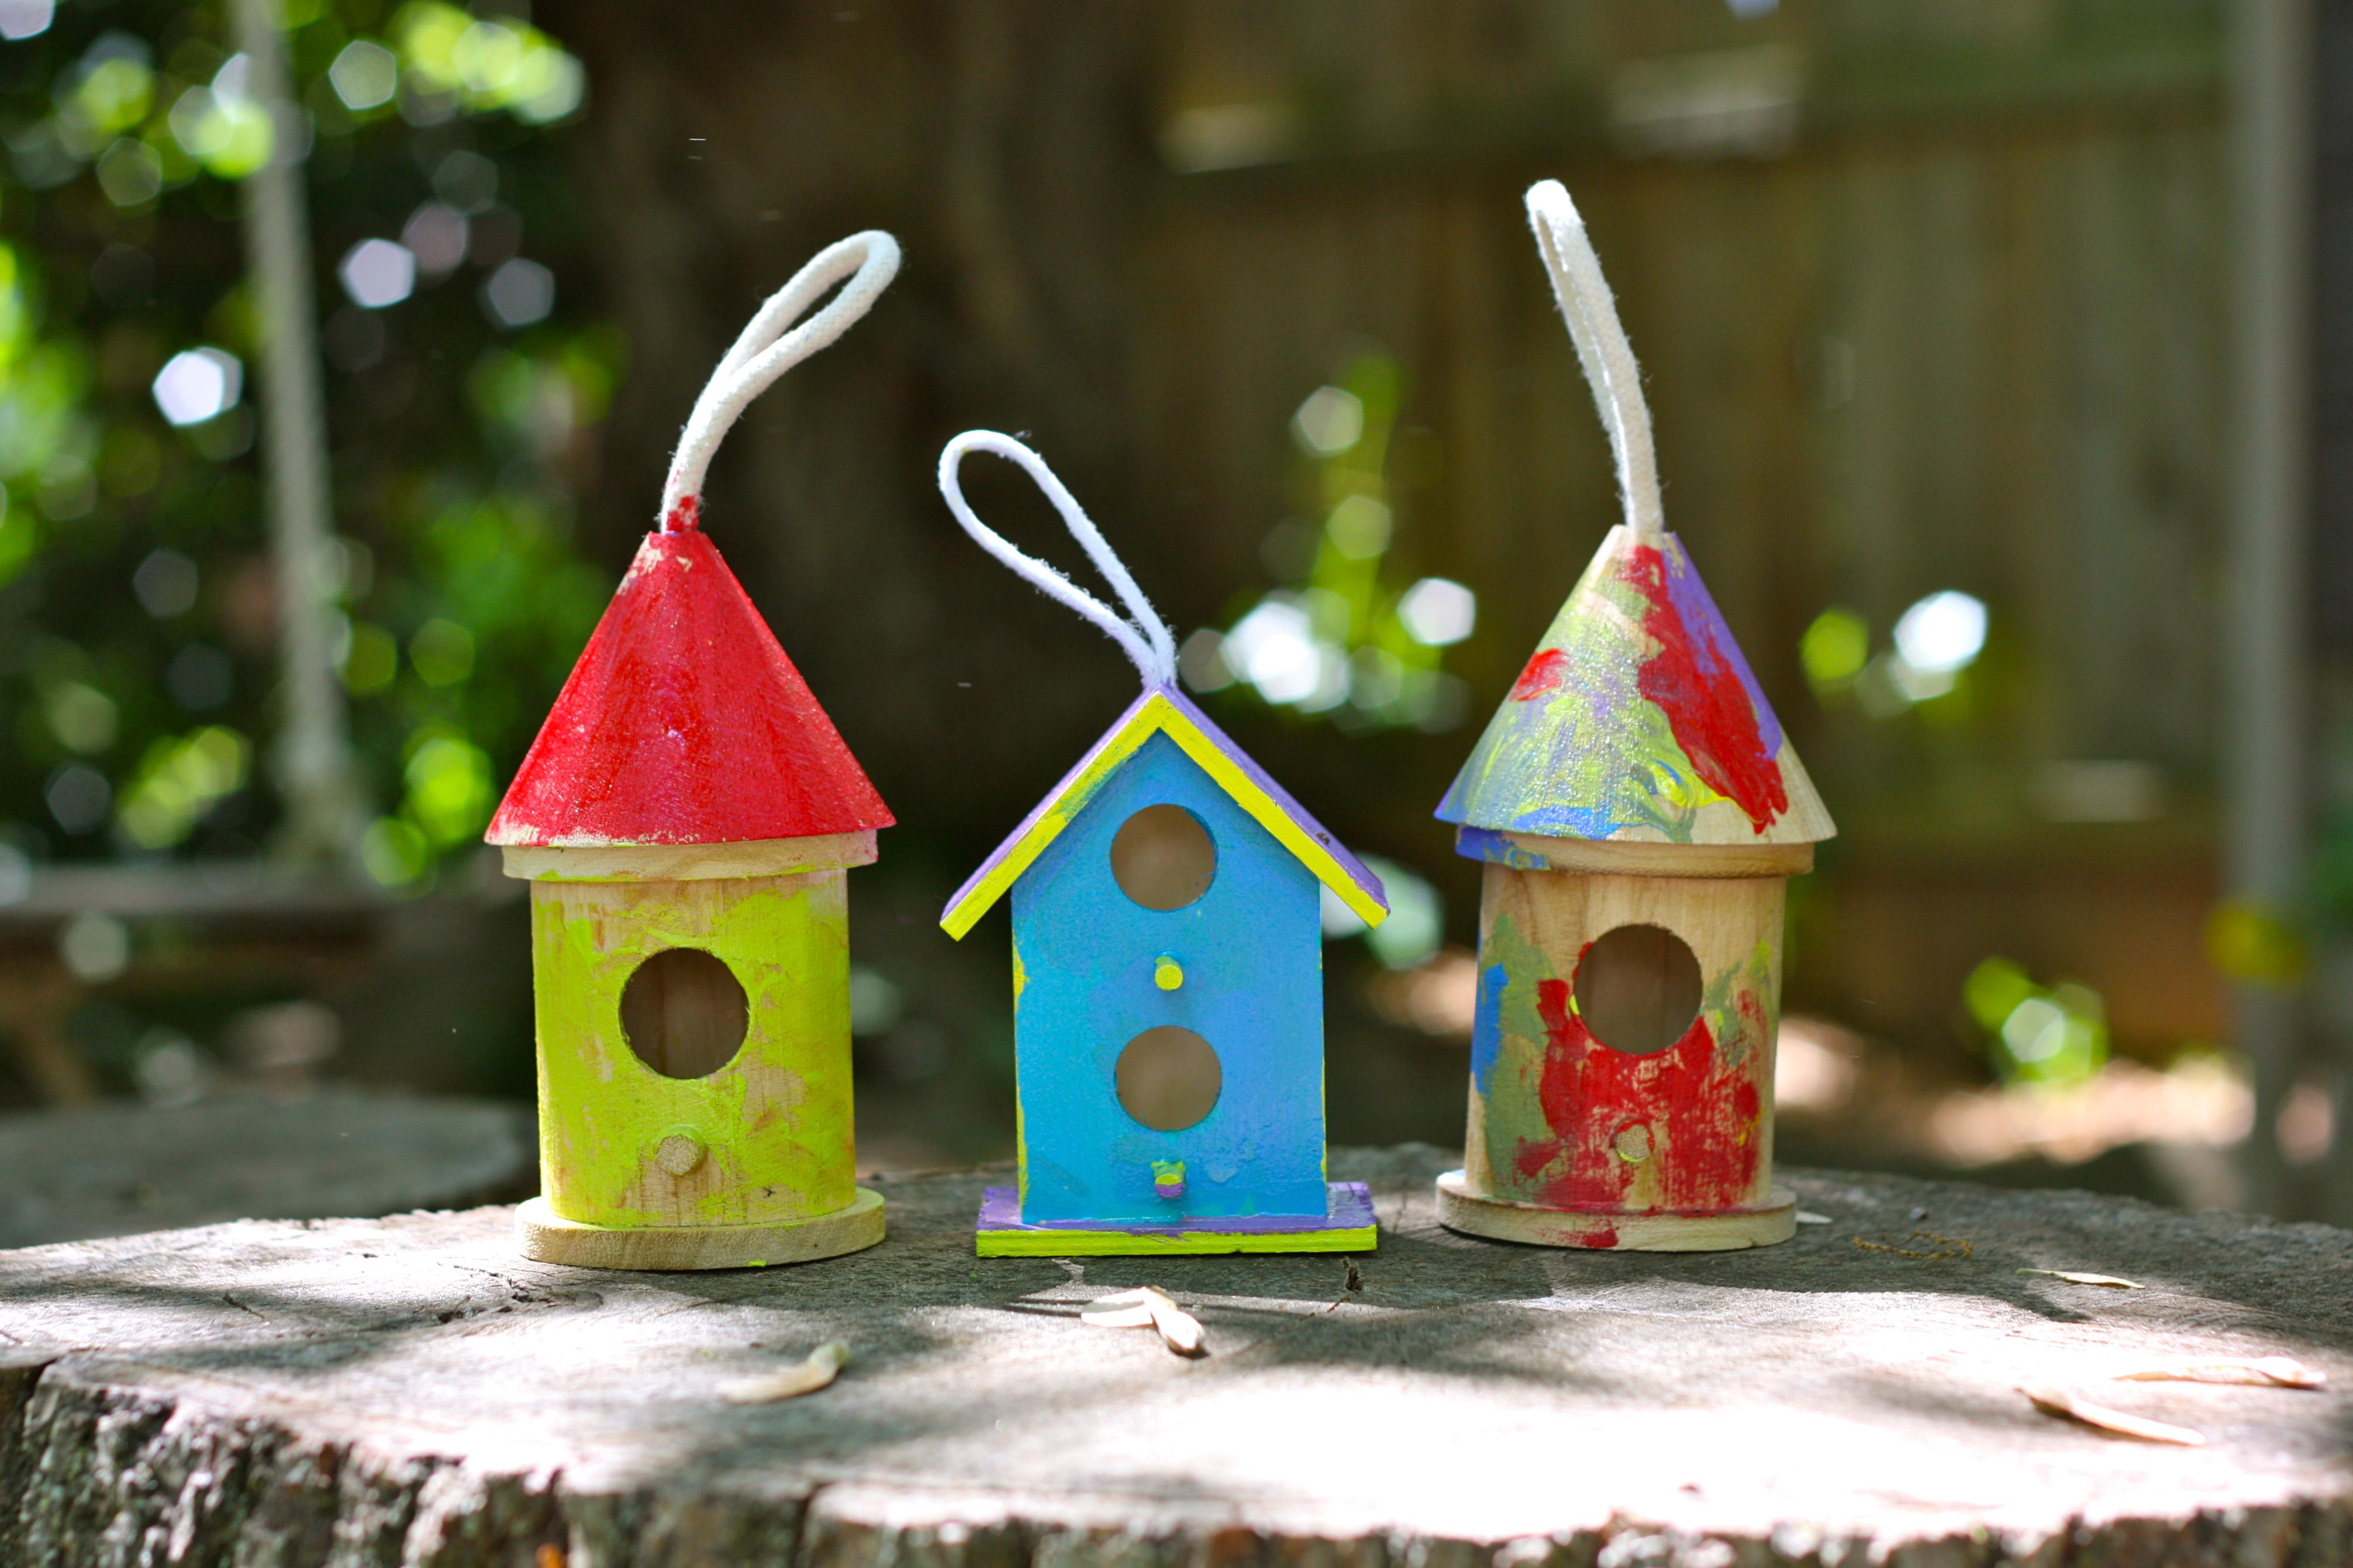 gift ideas for gardeners | garden ideas and garden design